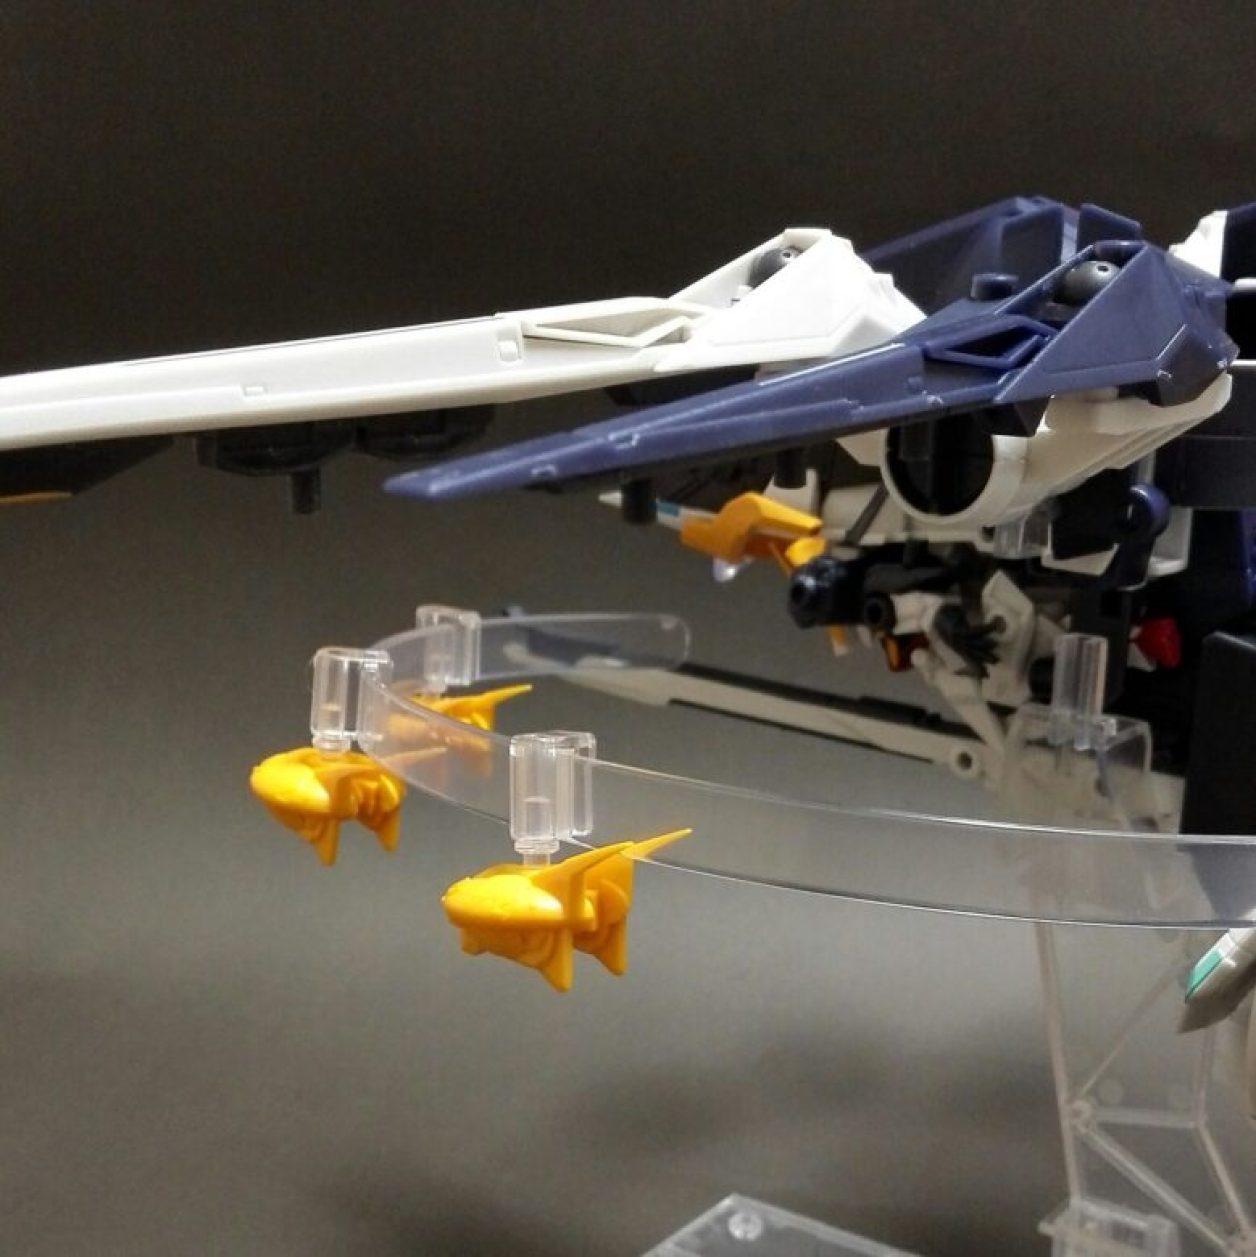 MOBILE SUIT ENSEMBLE(モビルスーツアンサンブル) EX09弾のTR-6 インレのレビューよりMA形態のうち射出形態の画像